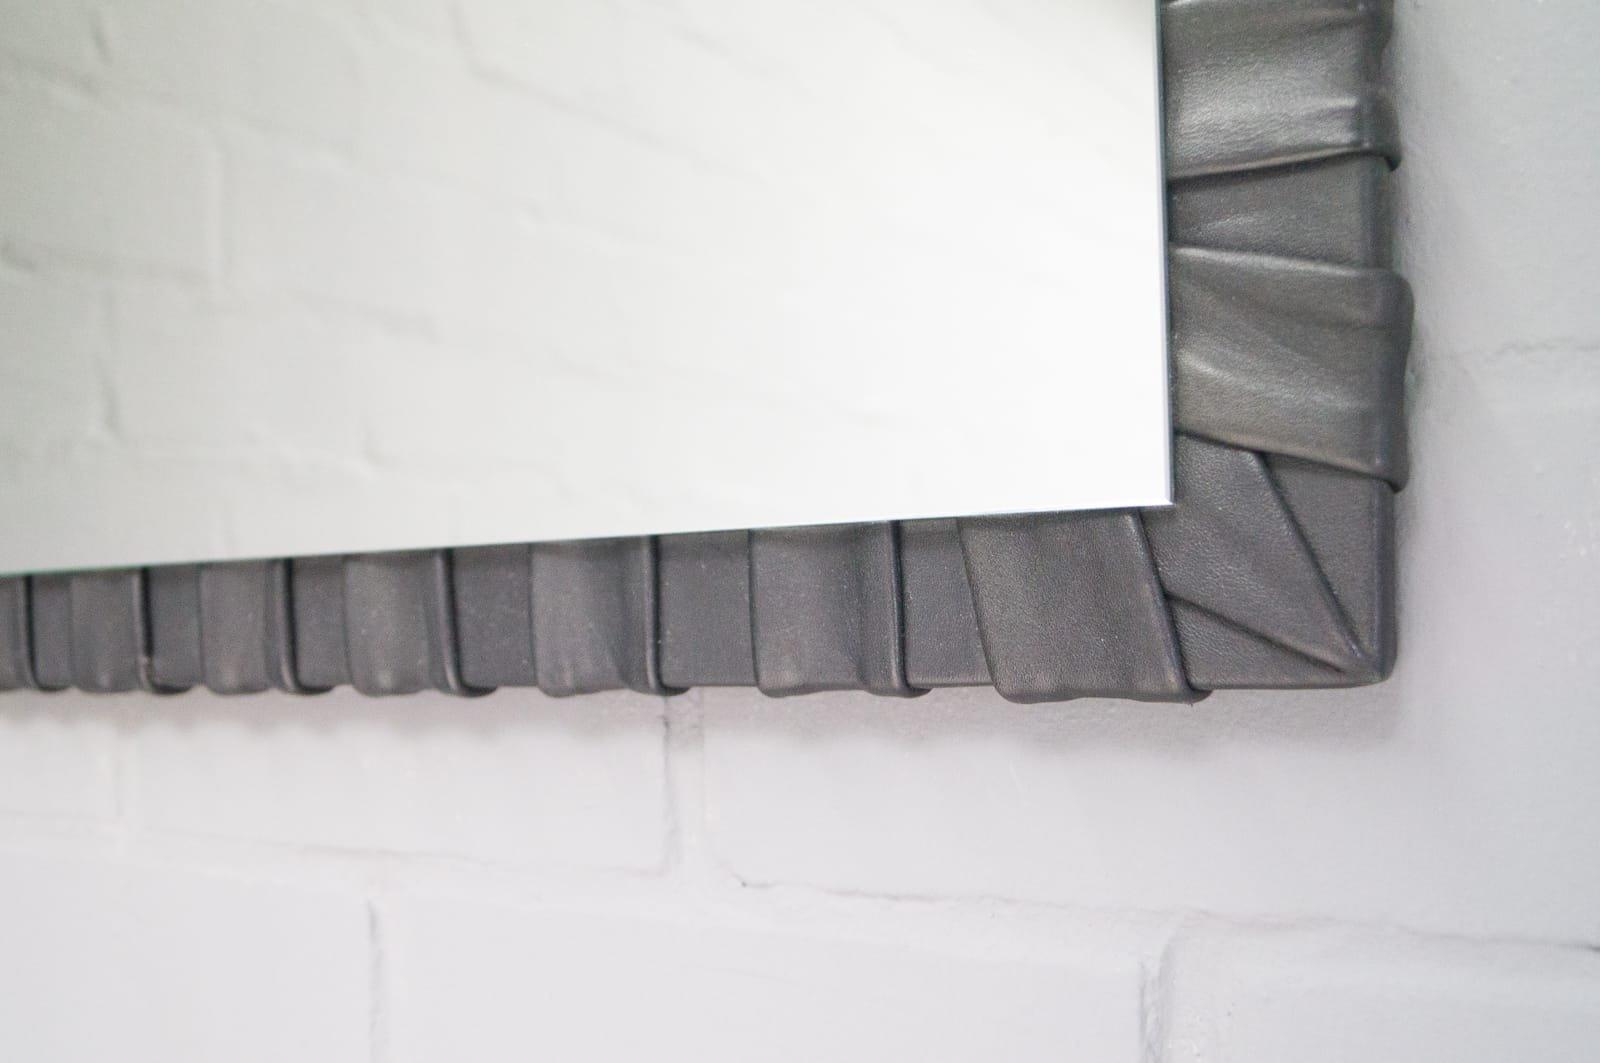 franz sischer viereckiger wandspiegel mit rahmen aus leder 1960er bei pamono kaufen. Black Bedroom Furniture Sets. Home Design Ideas